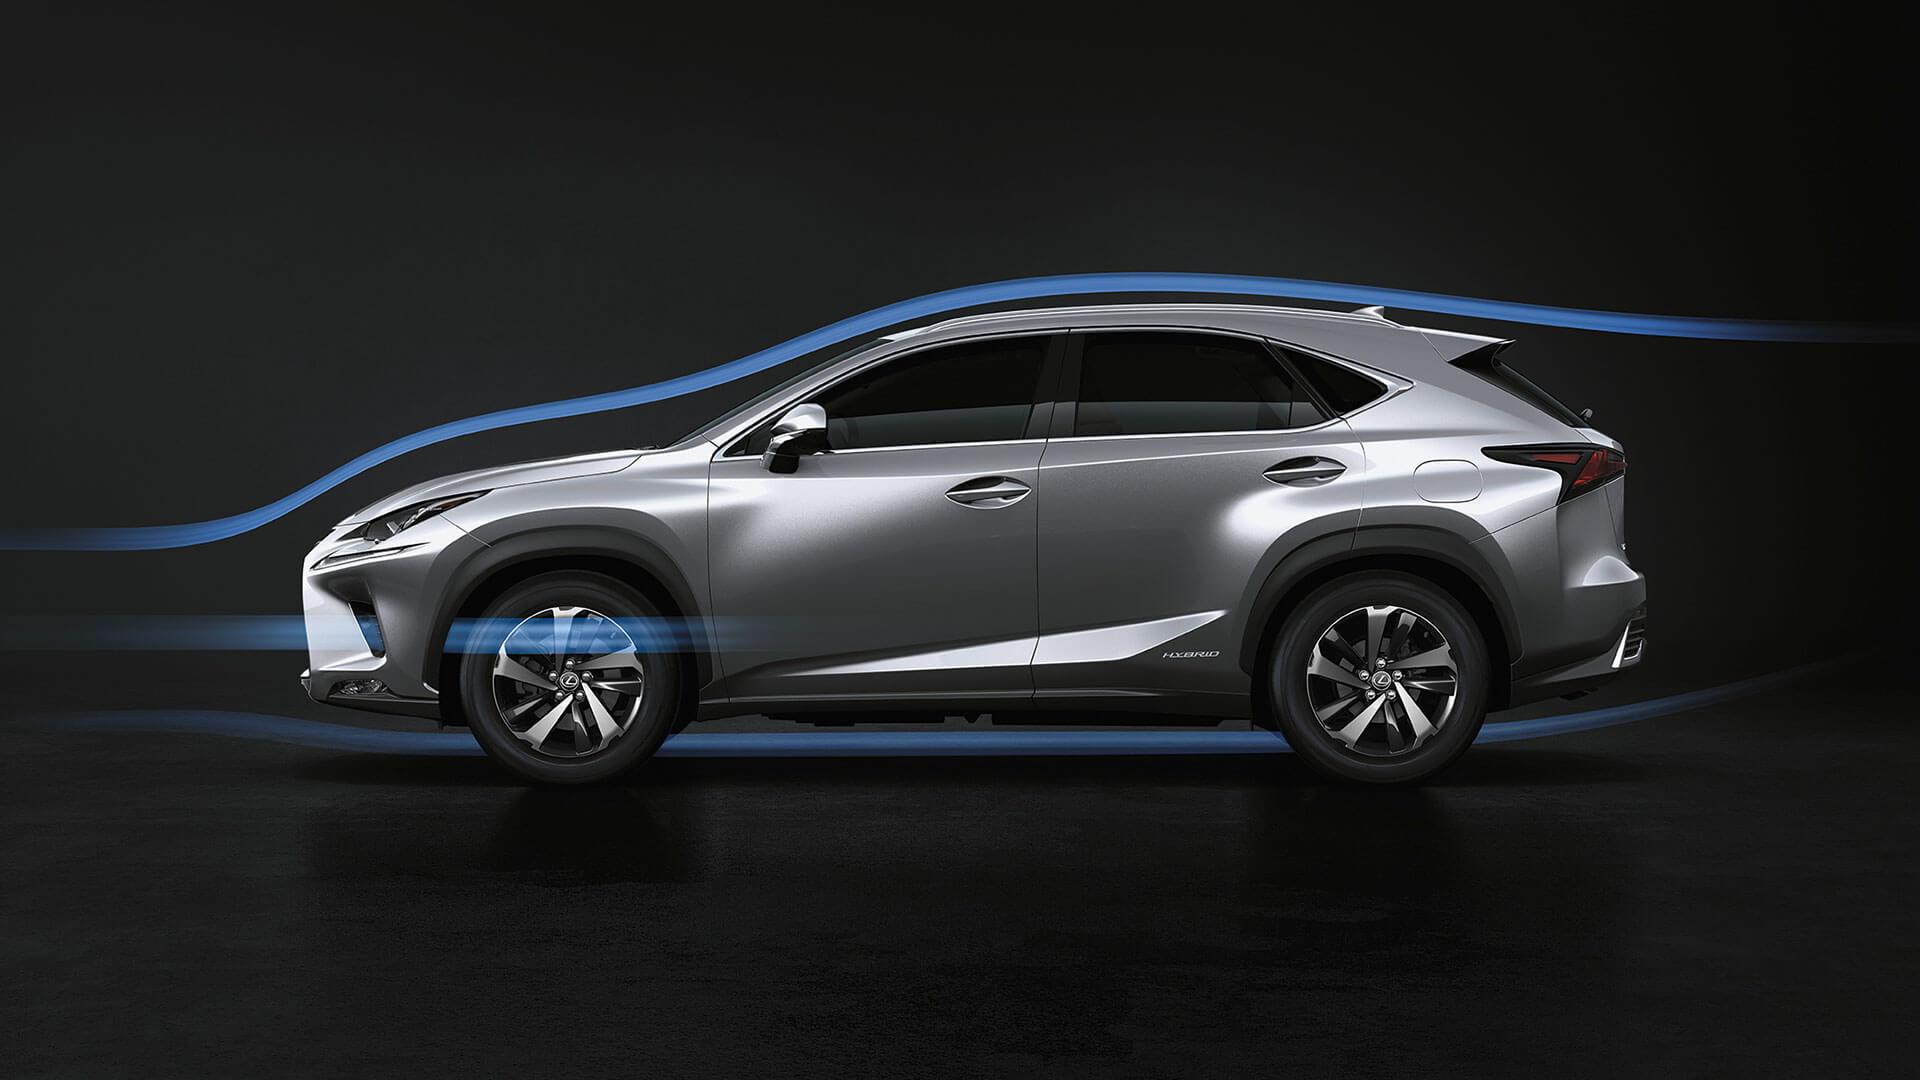 2018 lexus nx my18 features aerodynamics